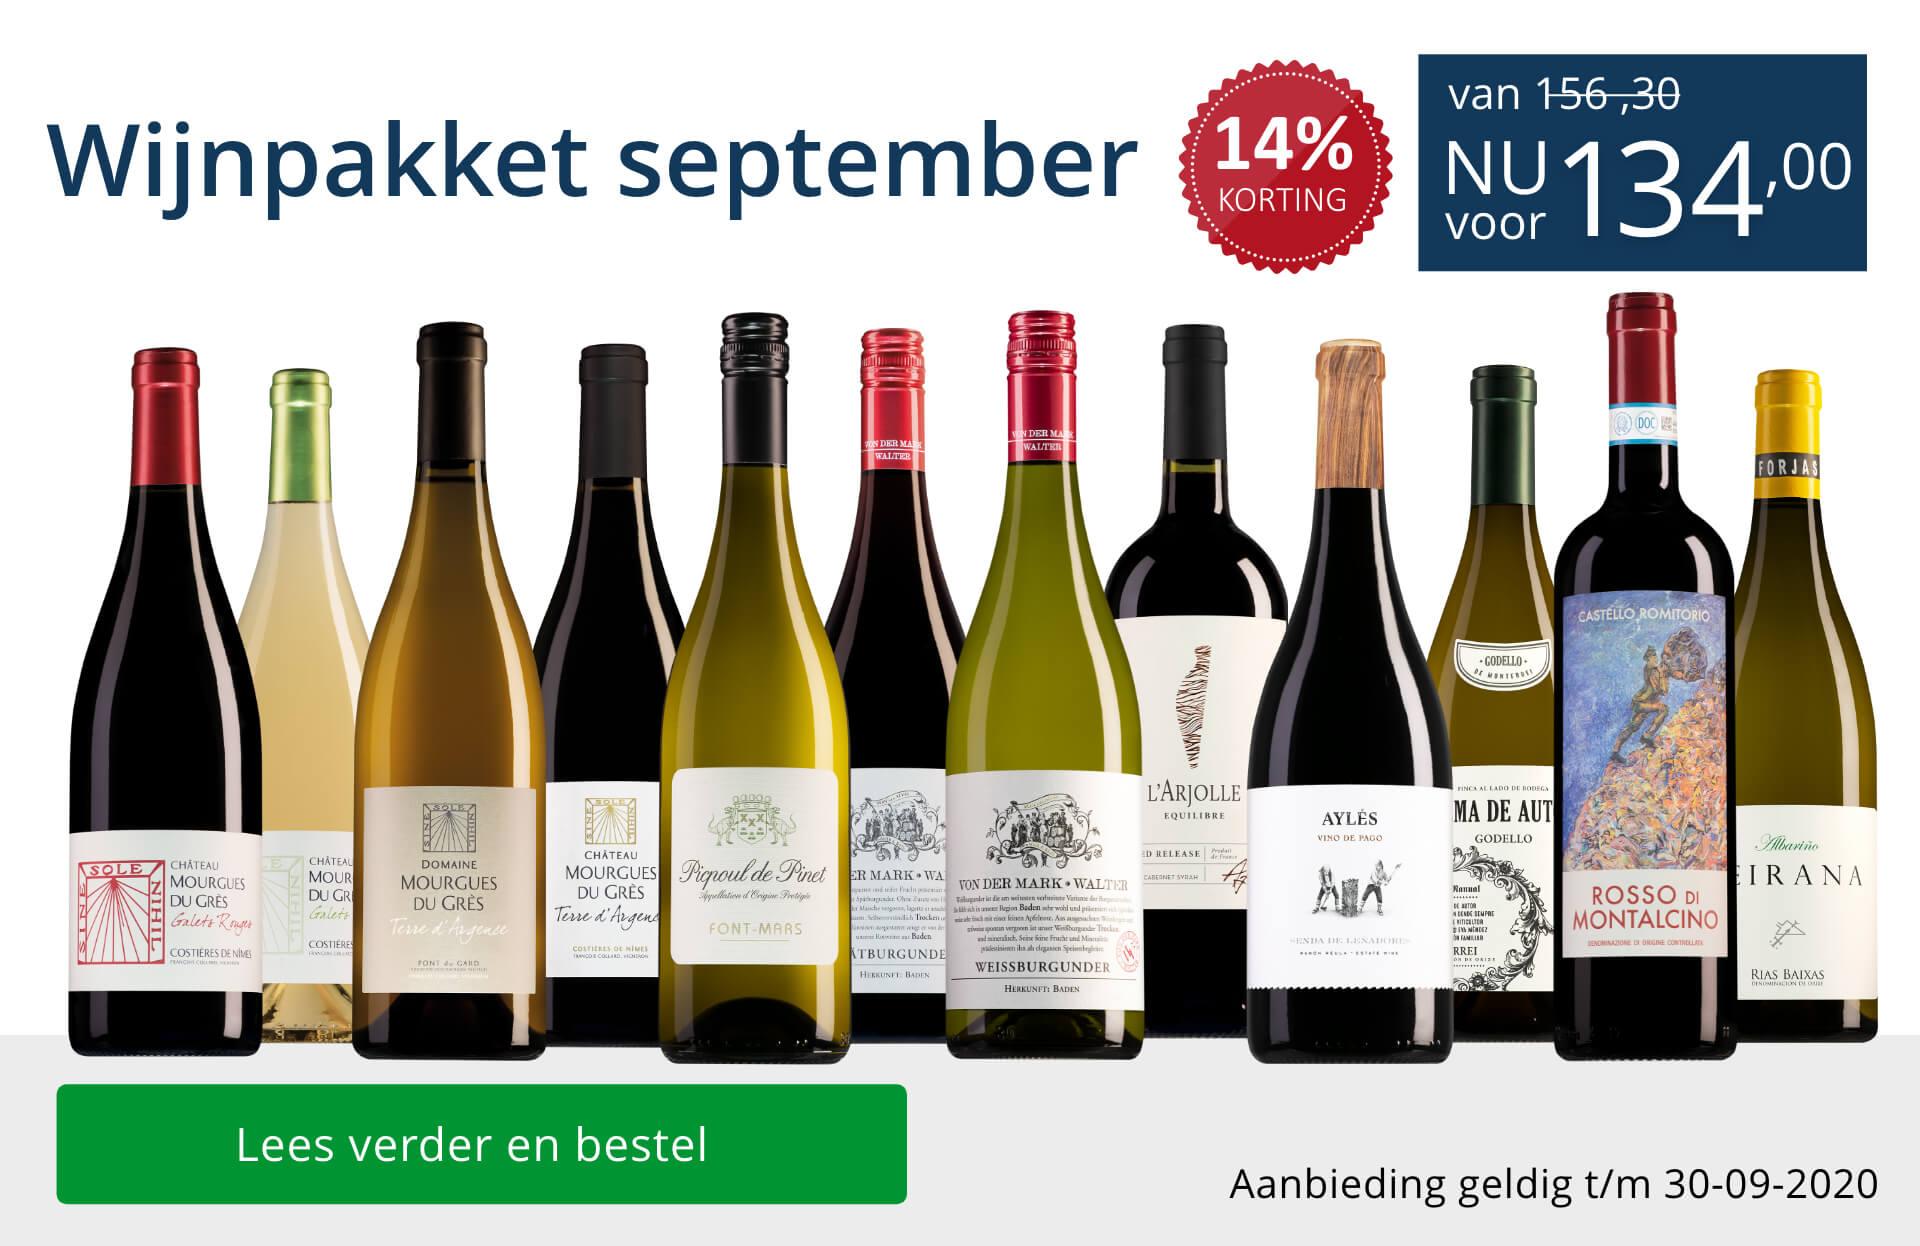 Wijnpakket wijnbericht september 2020 (134,00) - blauw